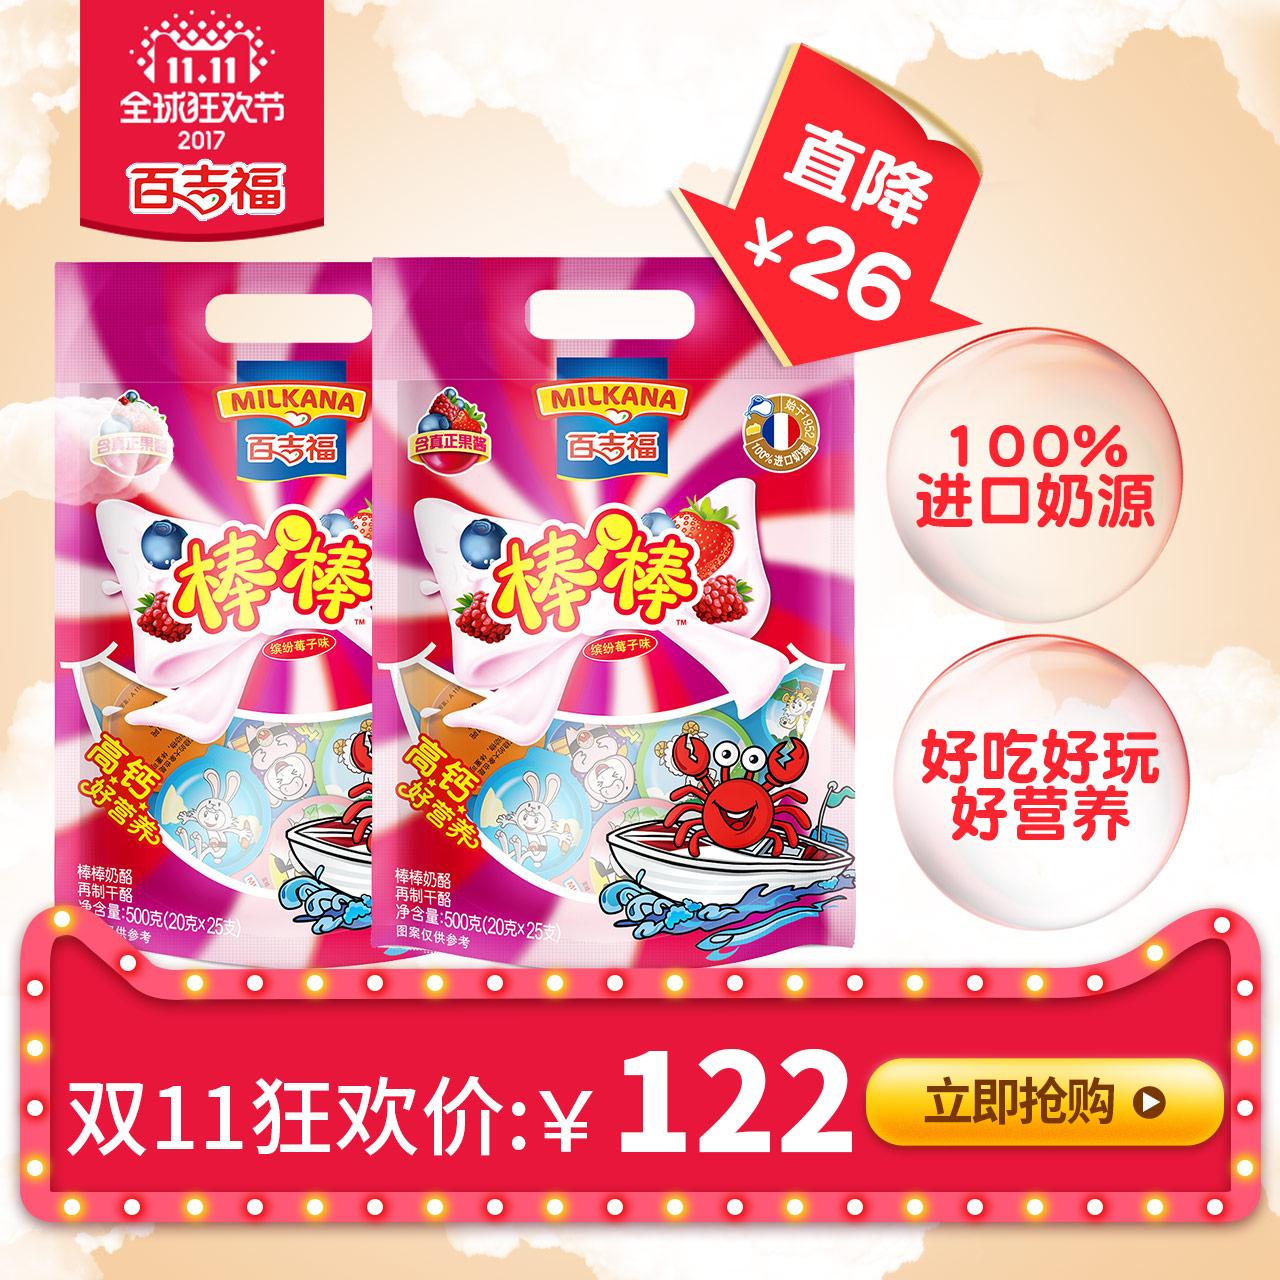 百吉福棒棒奶酪儿童健康零食高钙即食缤纷莓子味套餐500gX2袋